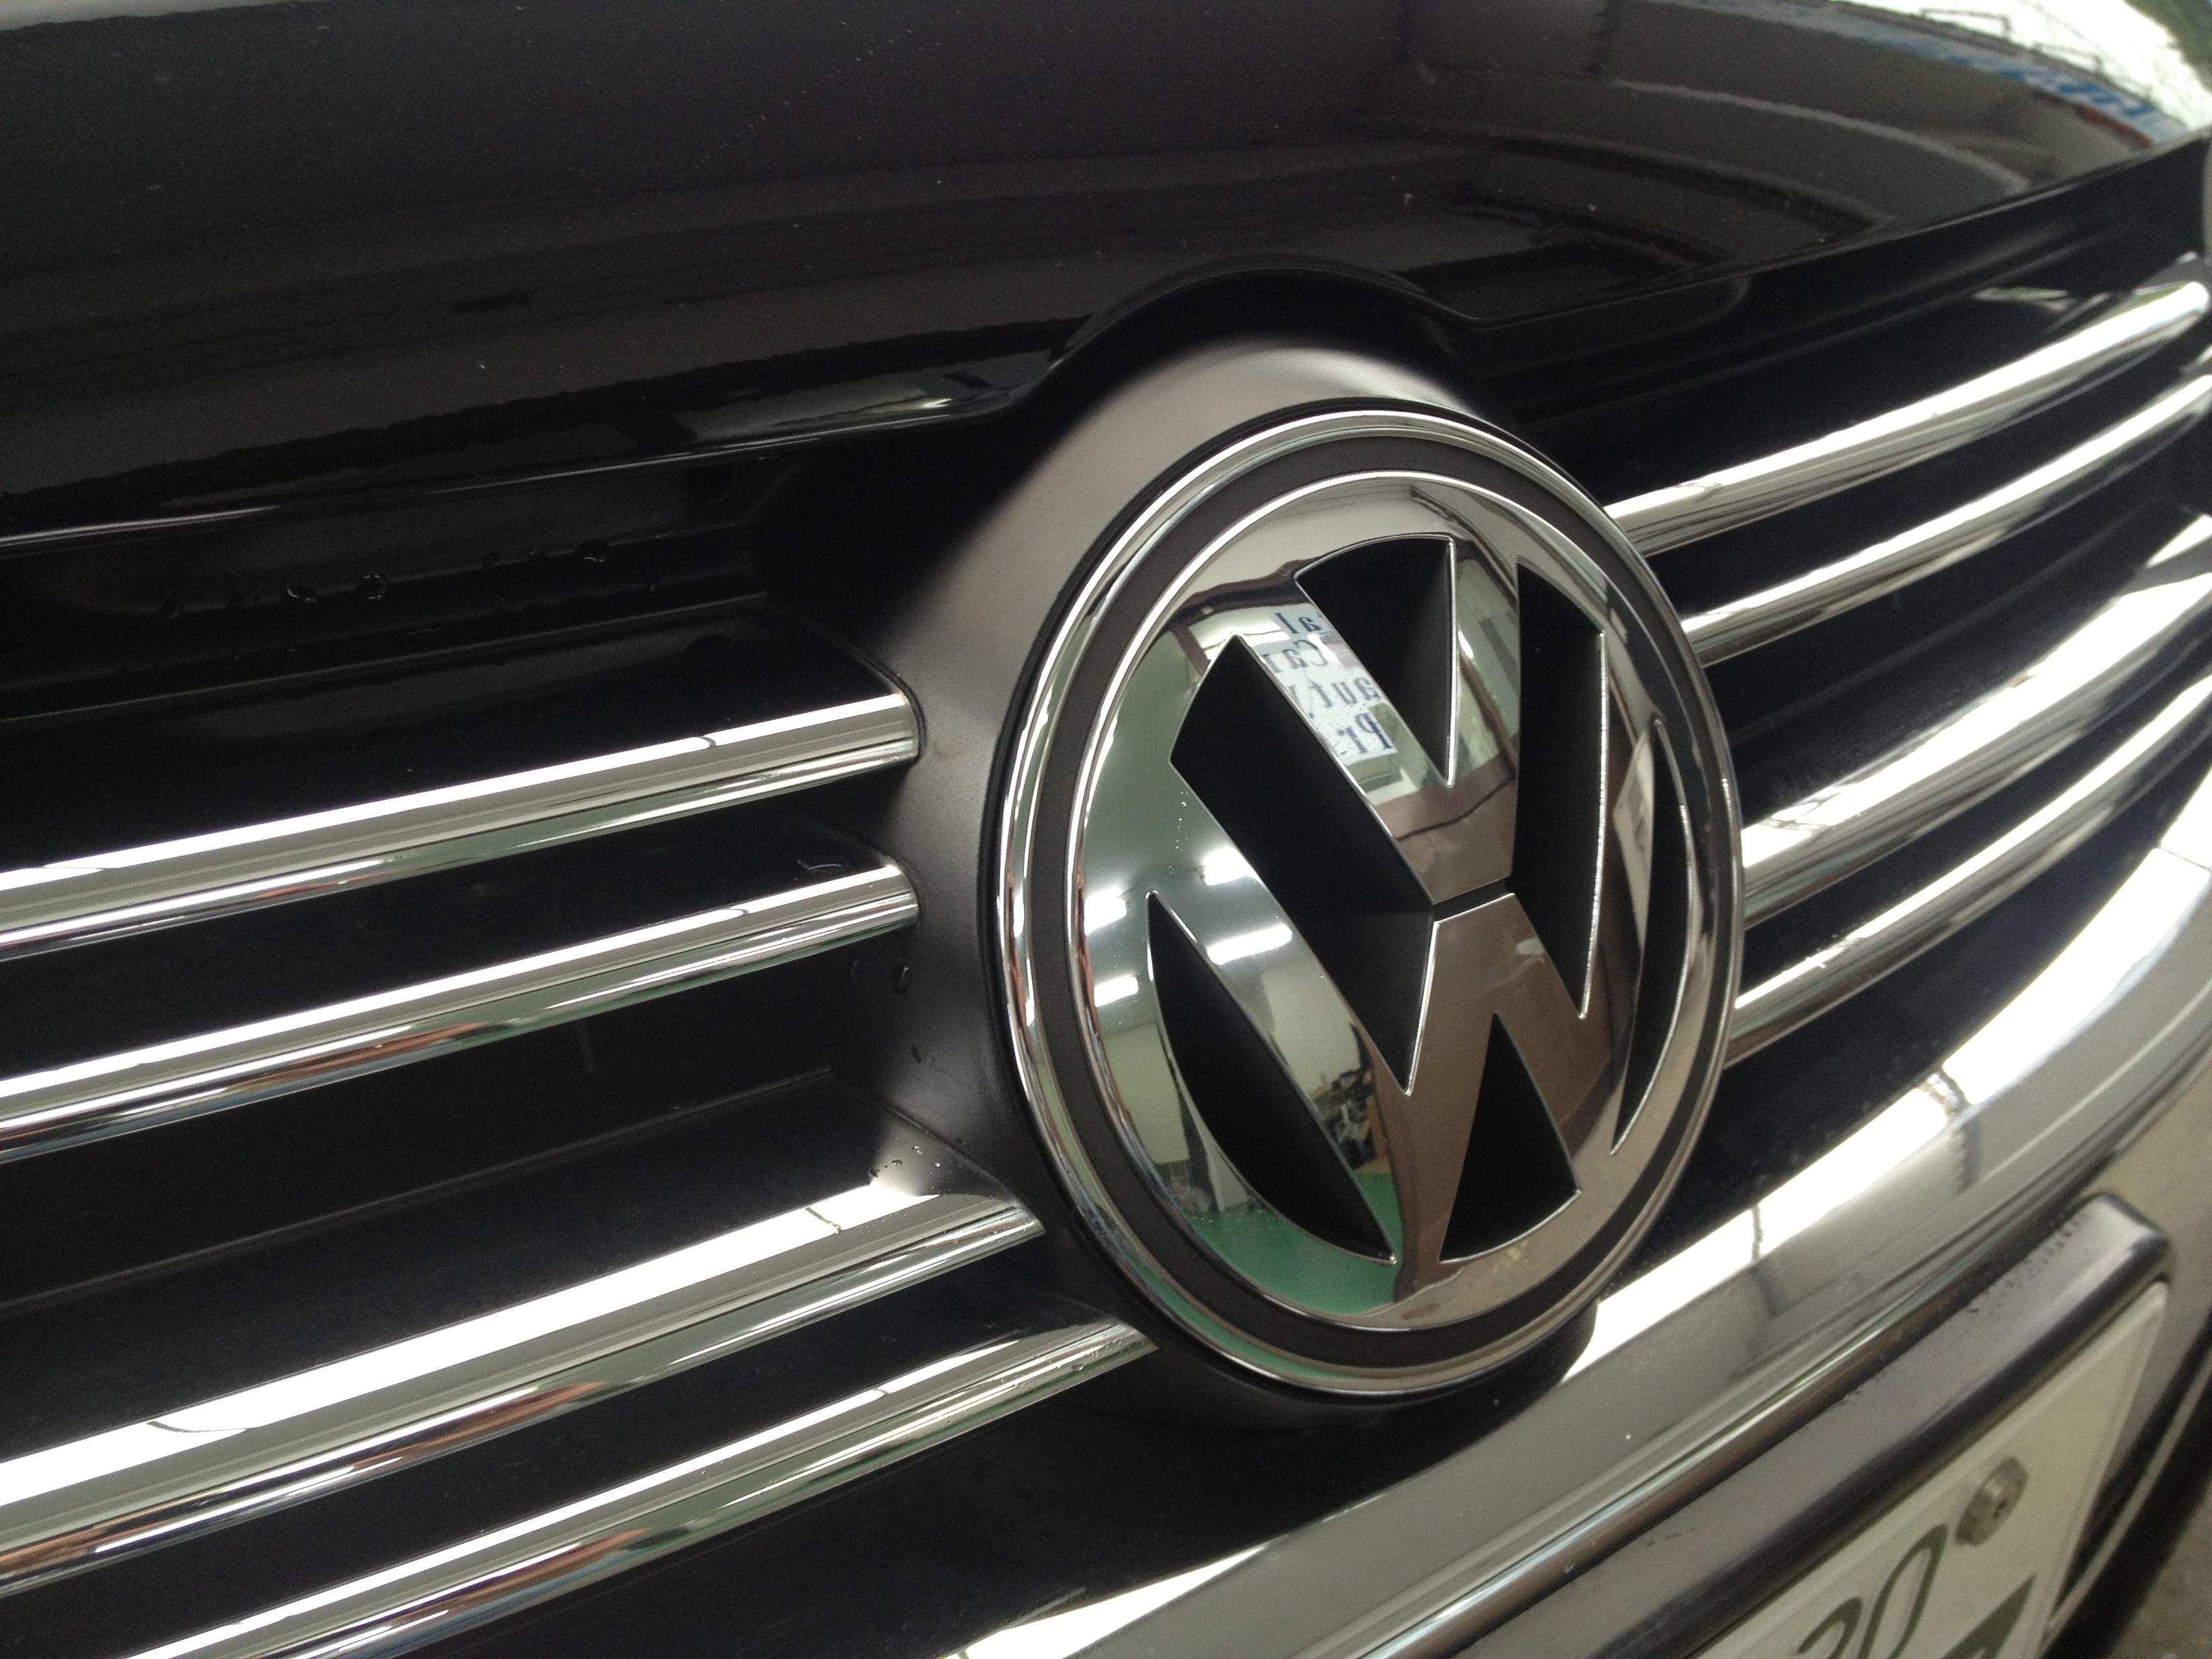 VWフォルクスワーゲン・フロントエンブレム